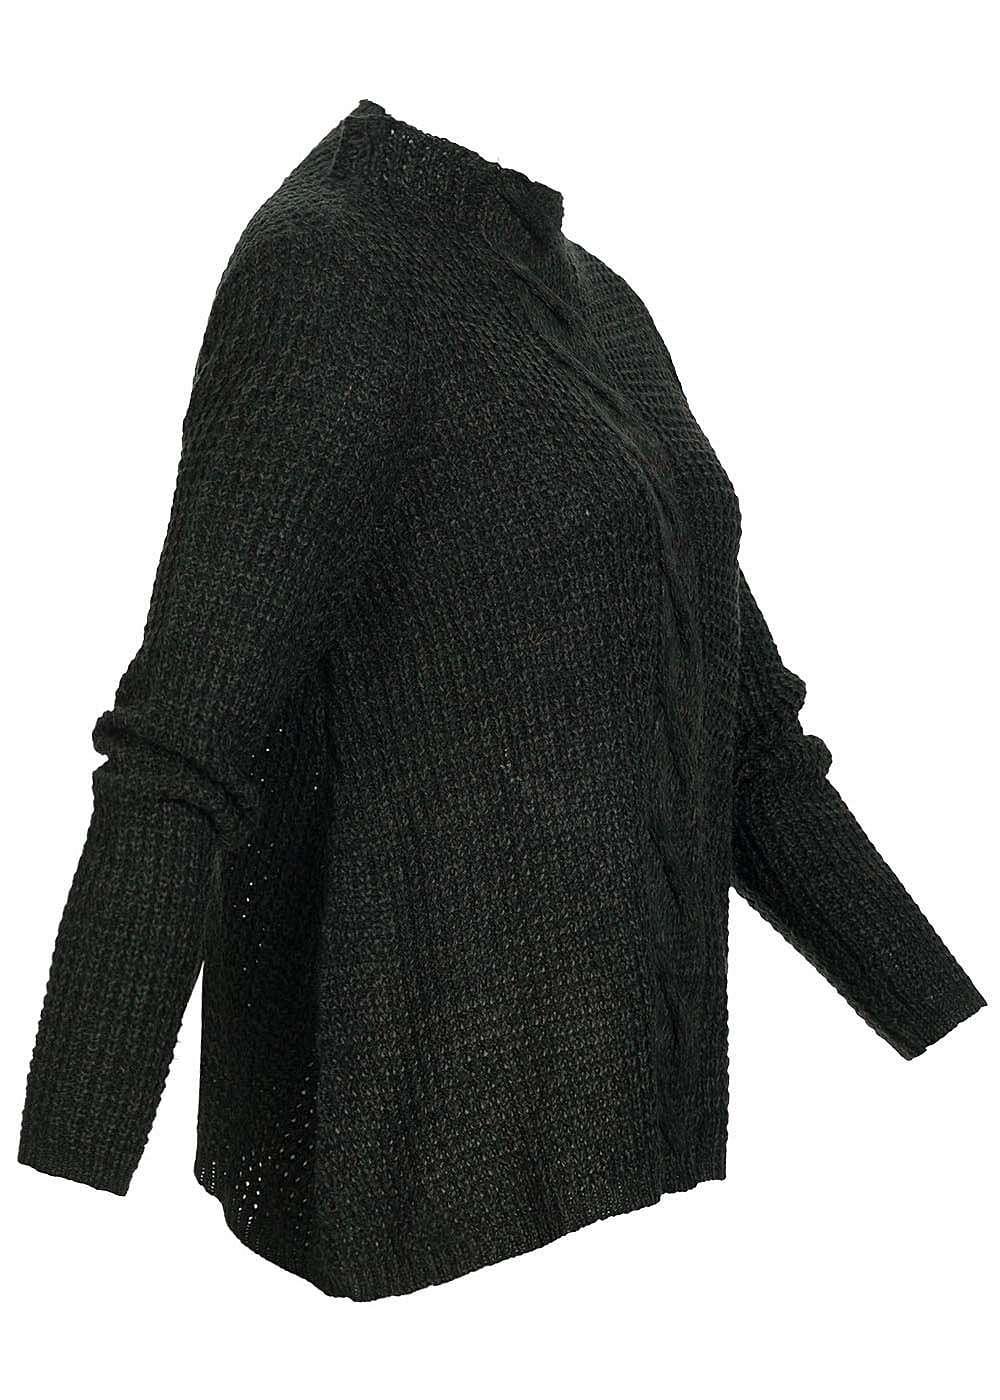 only damen strick pullover oversize grobstrick scarab gr n schwarz 77onlineshop. Black Bedroom Furniture Sets. Home Design Ideas